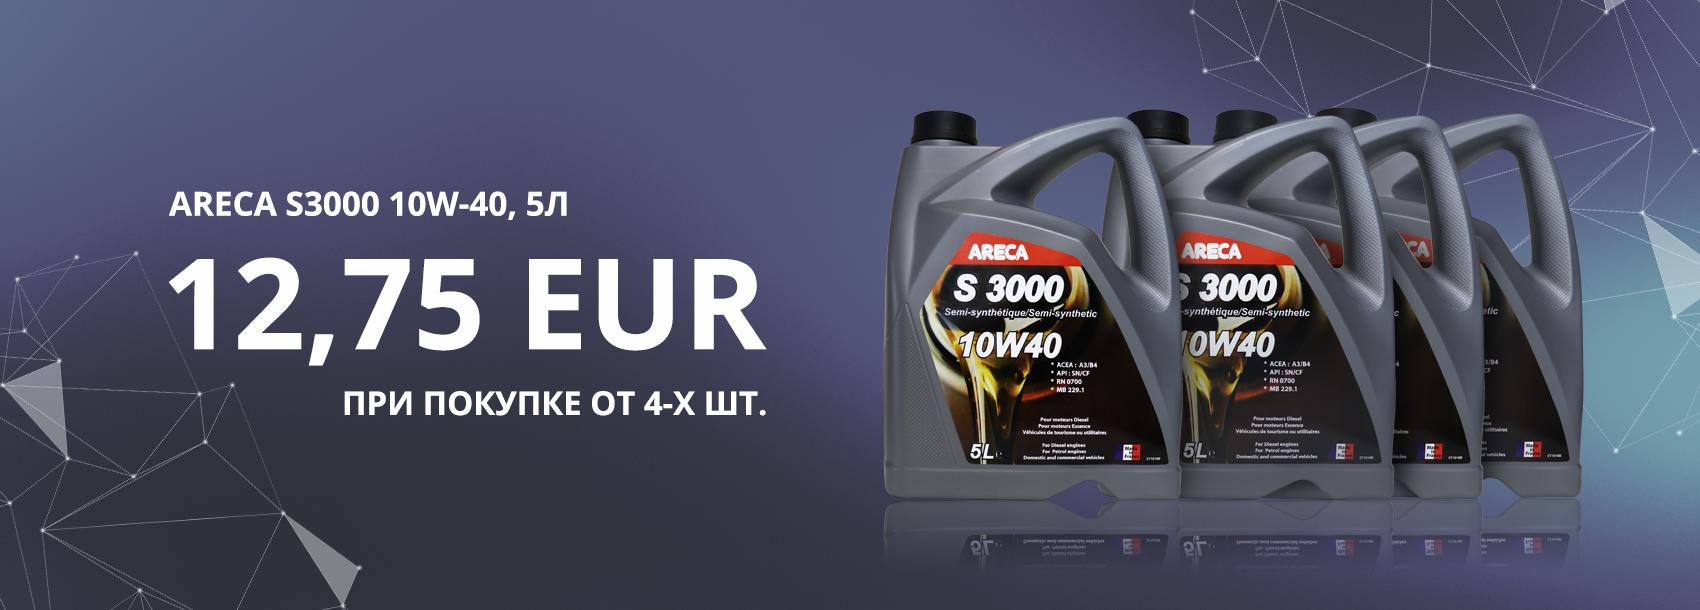 5 литров моторного масла Areca S3000 по специальной цене!